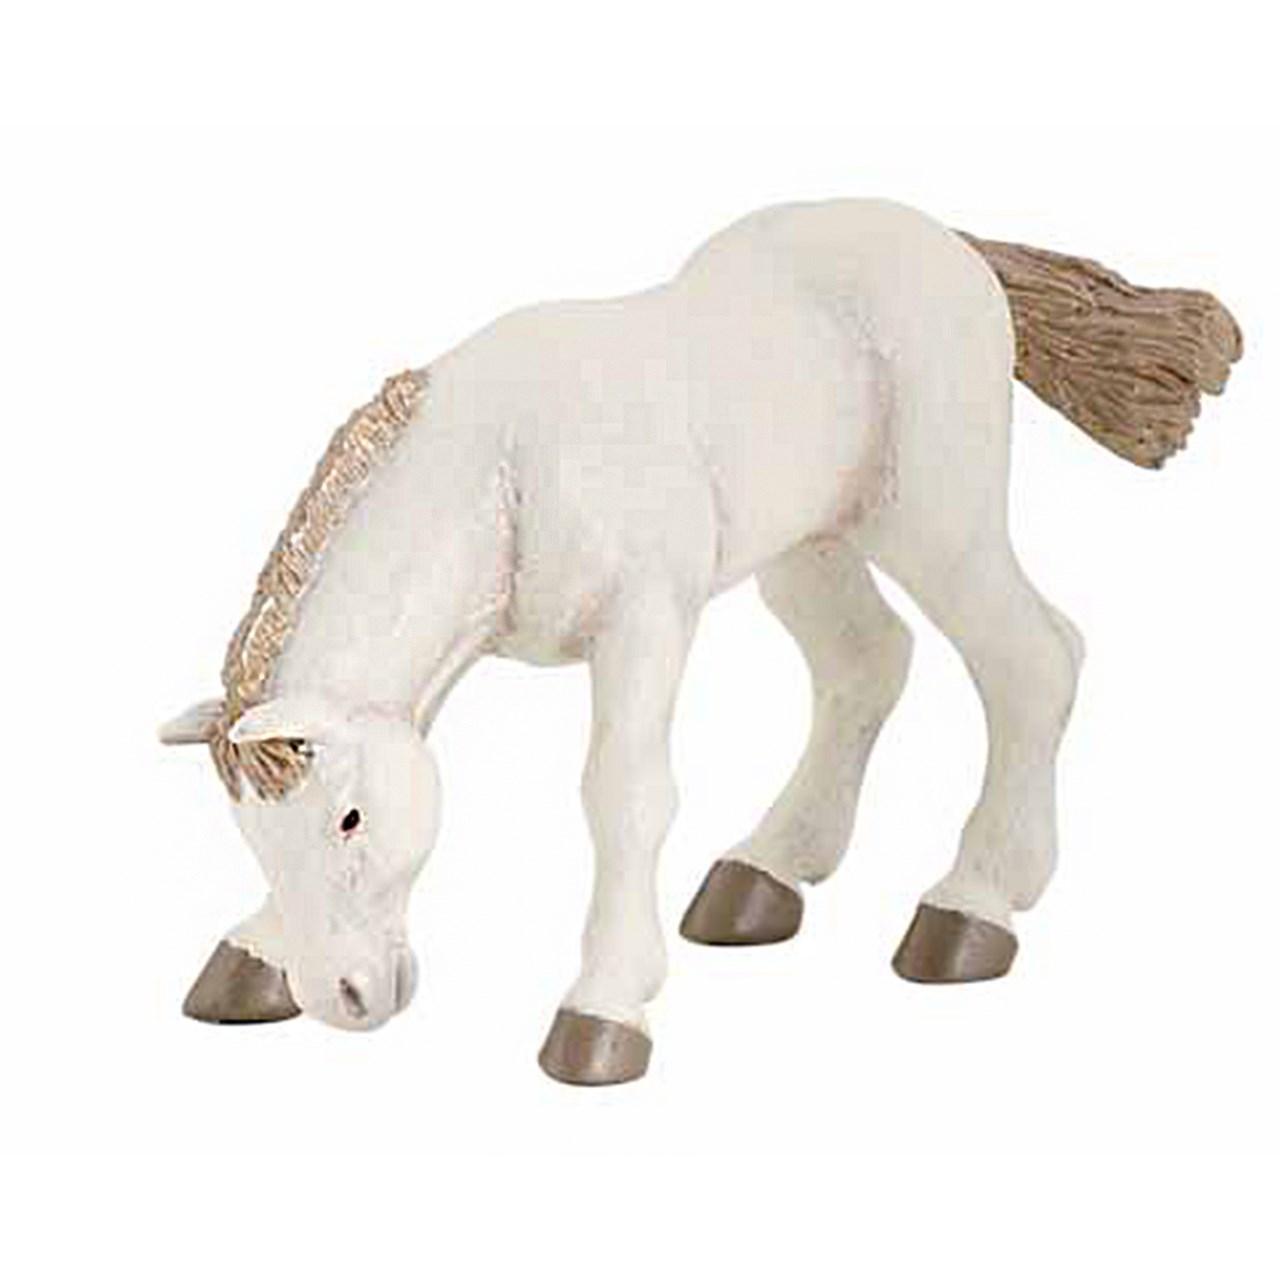 فیگور پاپو مدل اسب بولونیایی